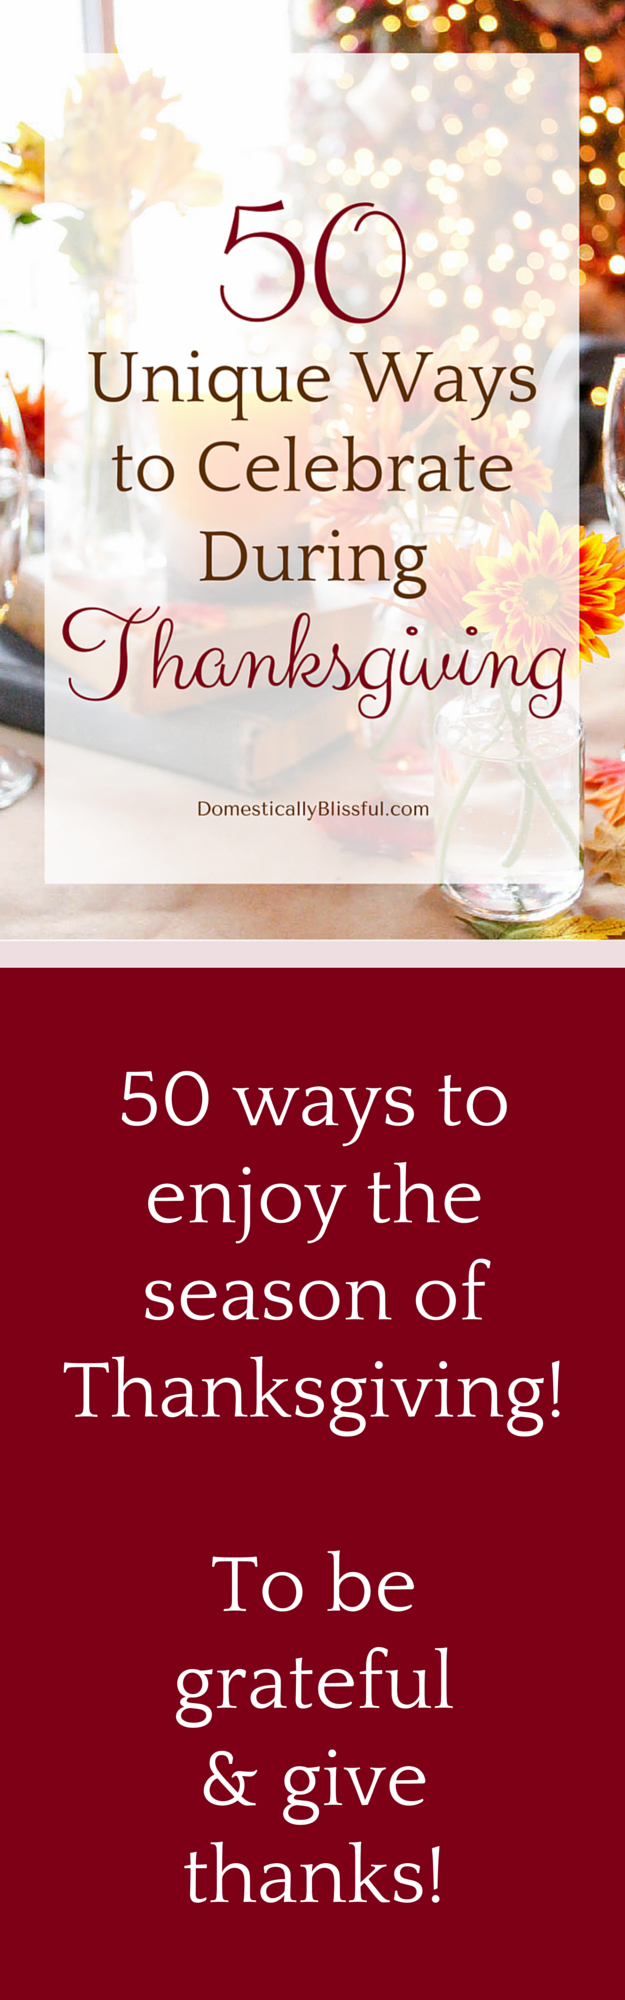 50 unique ways to celebrate & enjoy the season of Thanksgiving